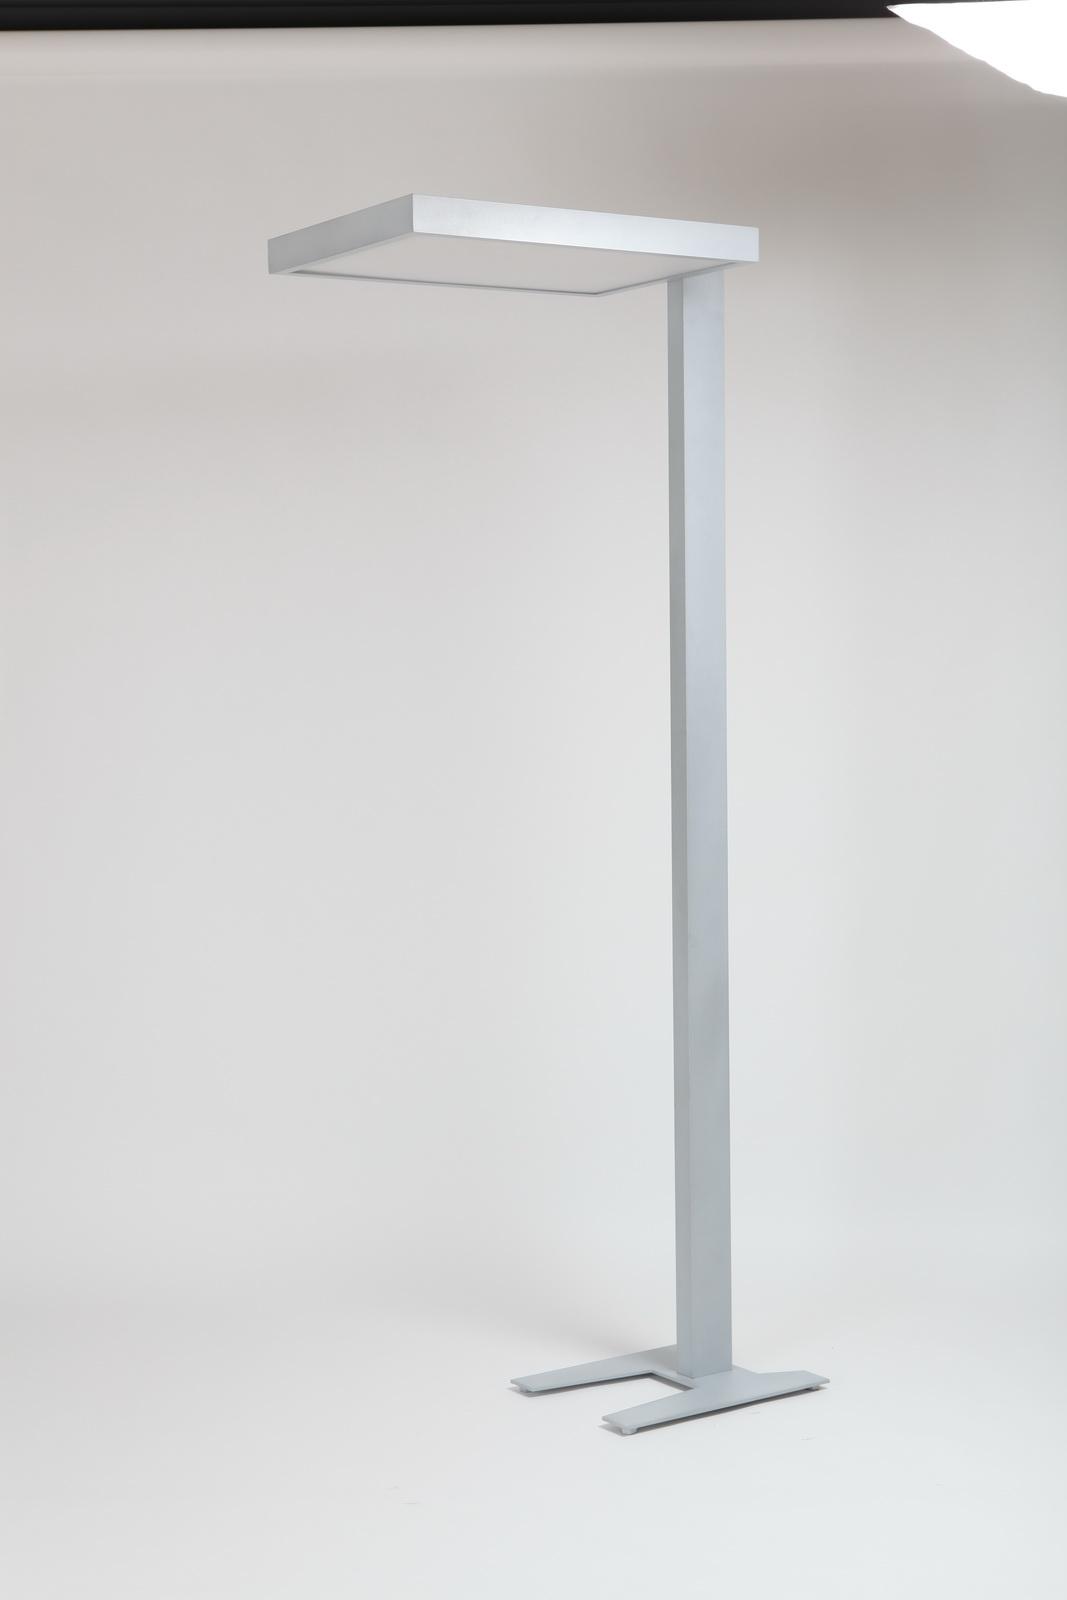 Stojanové svítidlo pro osvětlení pracovních míst v kancelářských prostorách, recepcích a reprezentat...